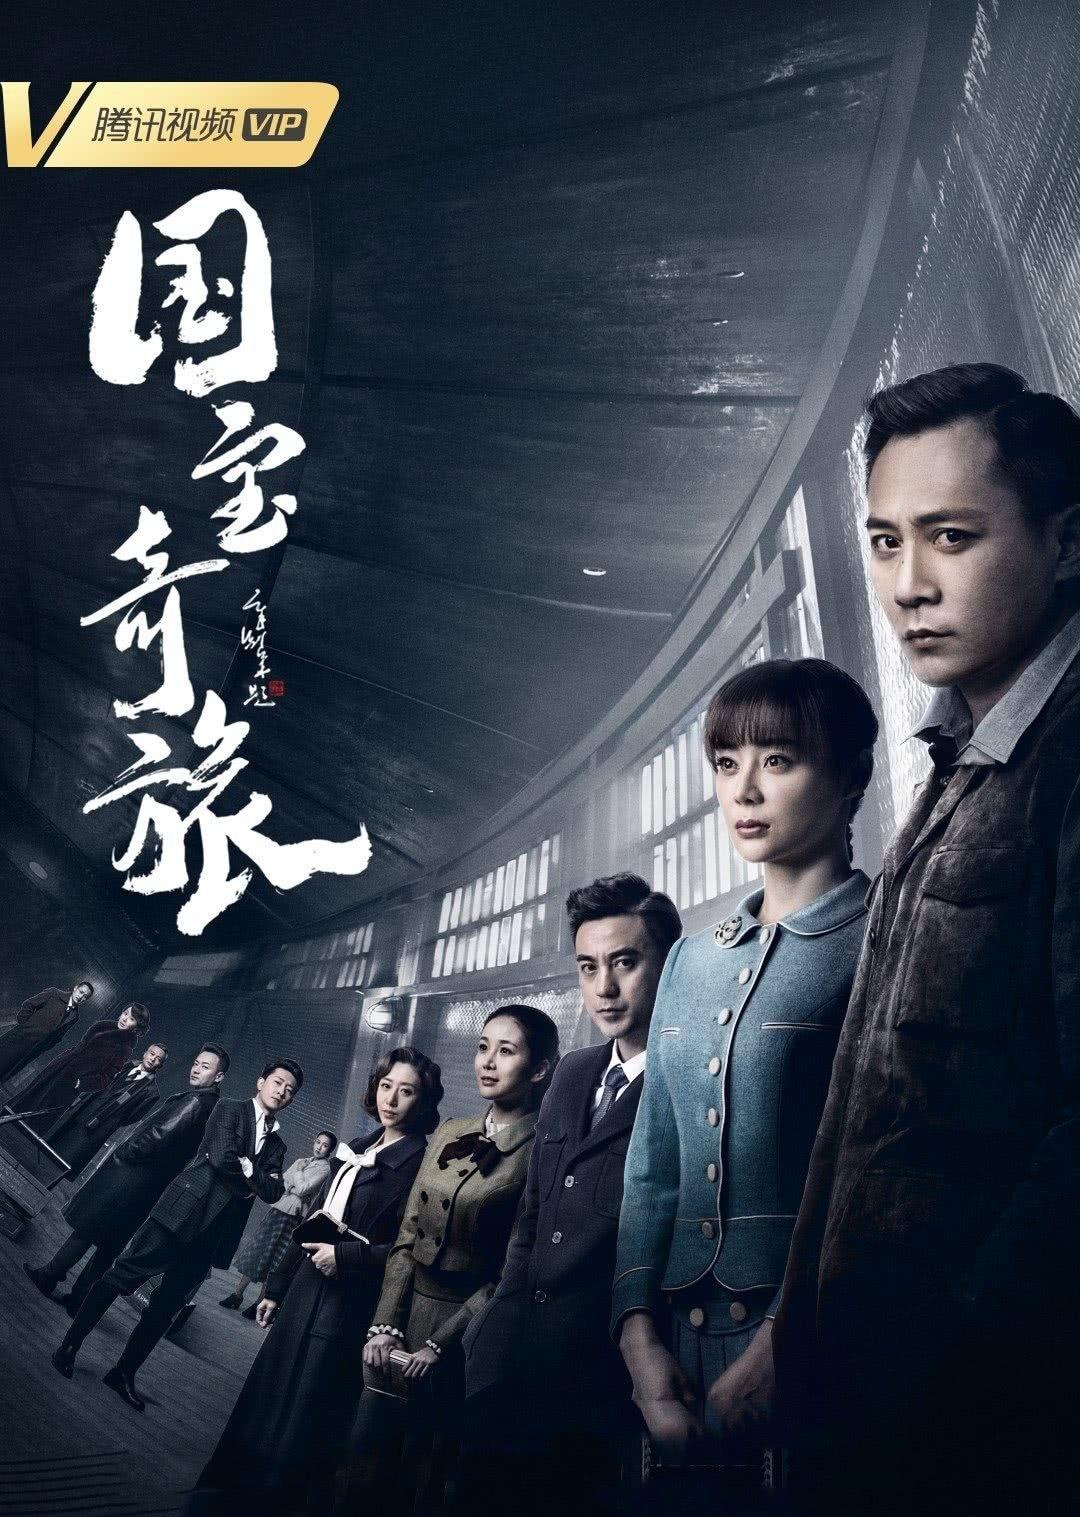 Pin by Tsang Eric on Chinese Actress National treasure